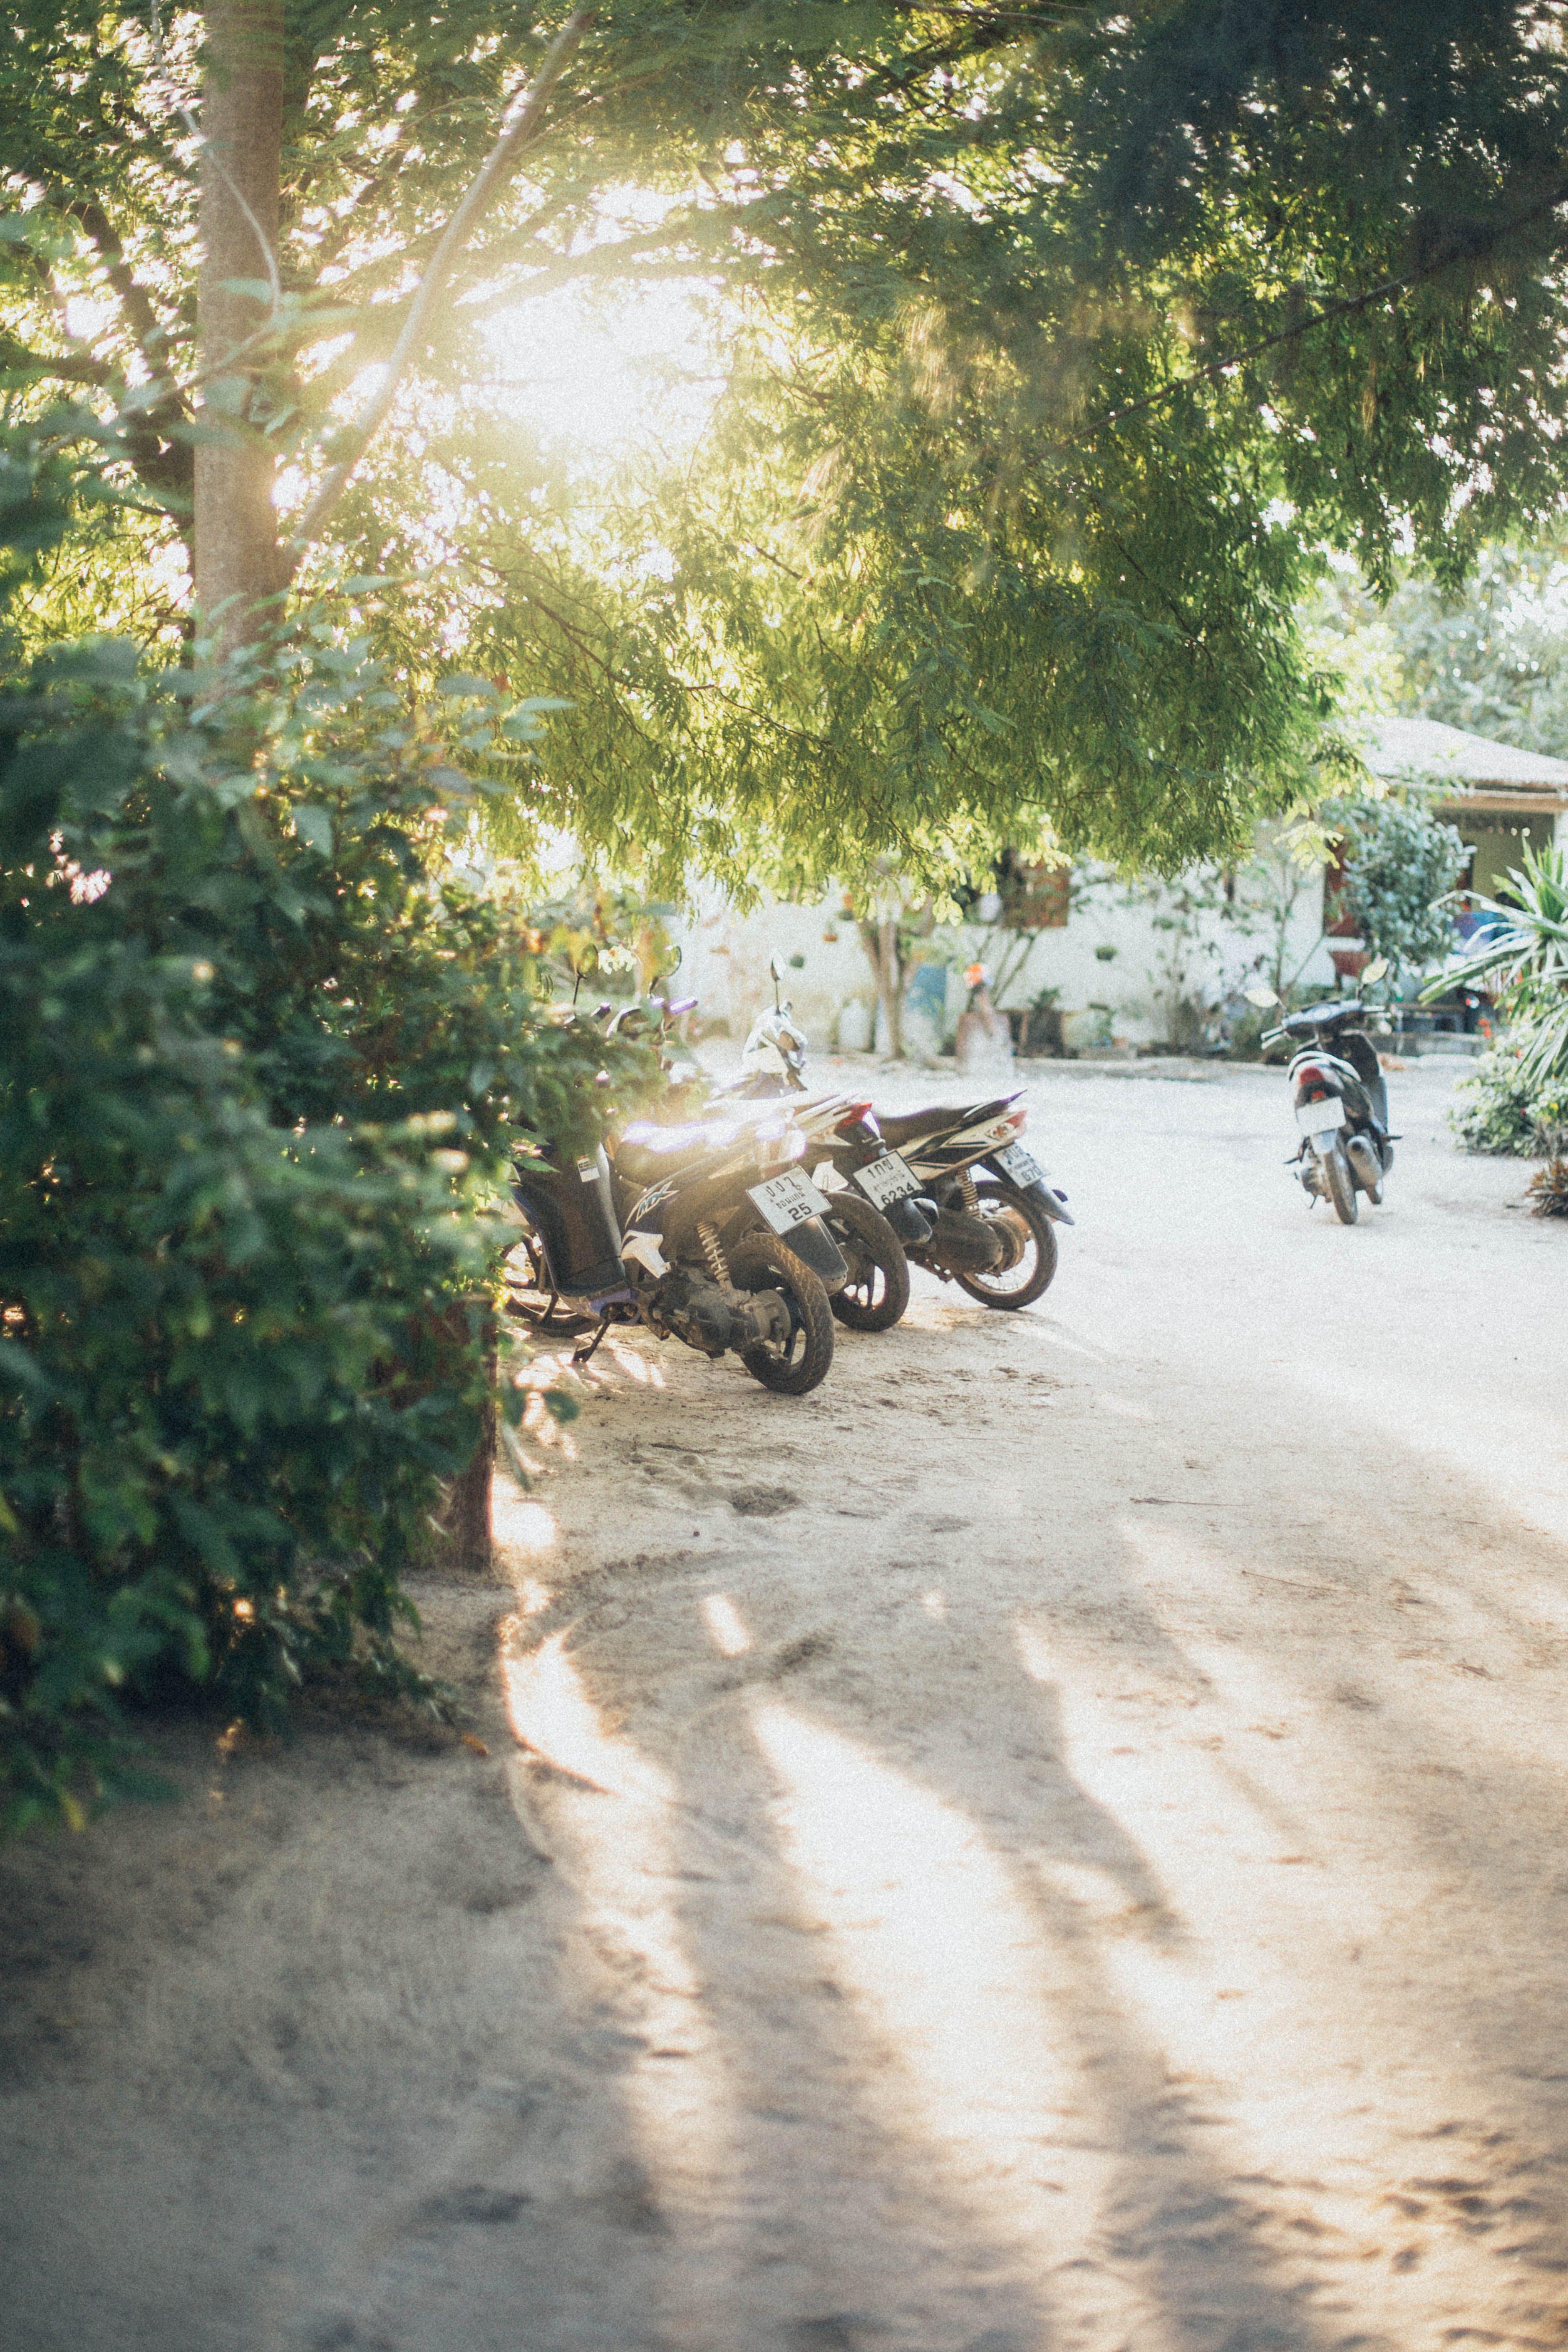 Kostnadsfri bild av motorcyklar, trä, transportsystem